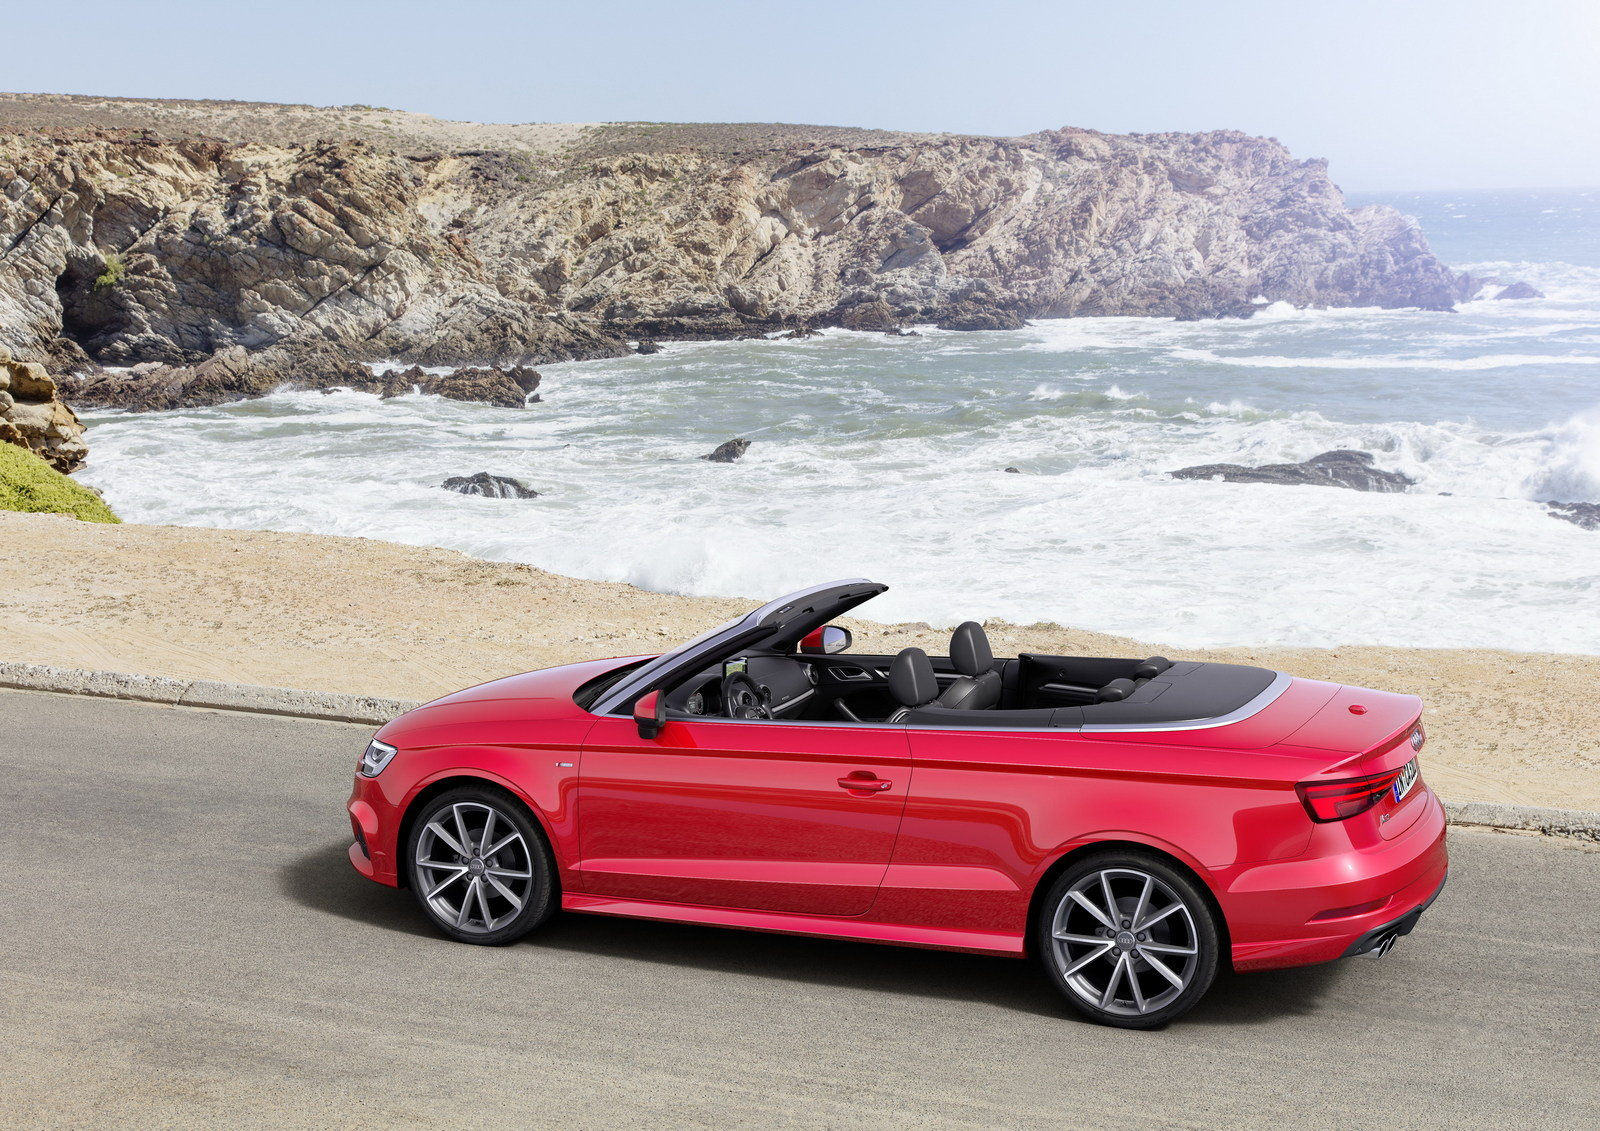 Audi 3 TSFI red auto Kreta